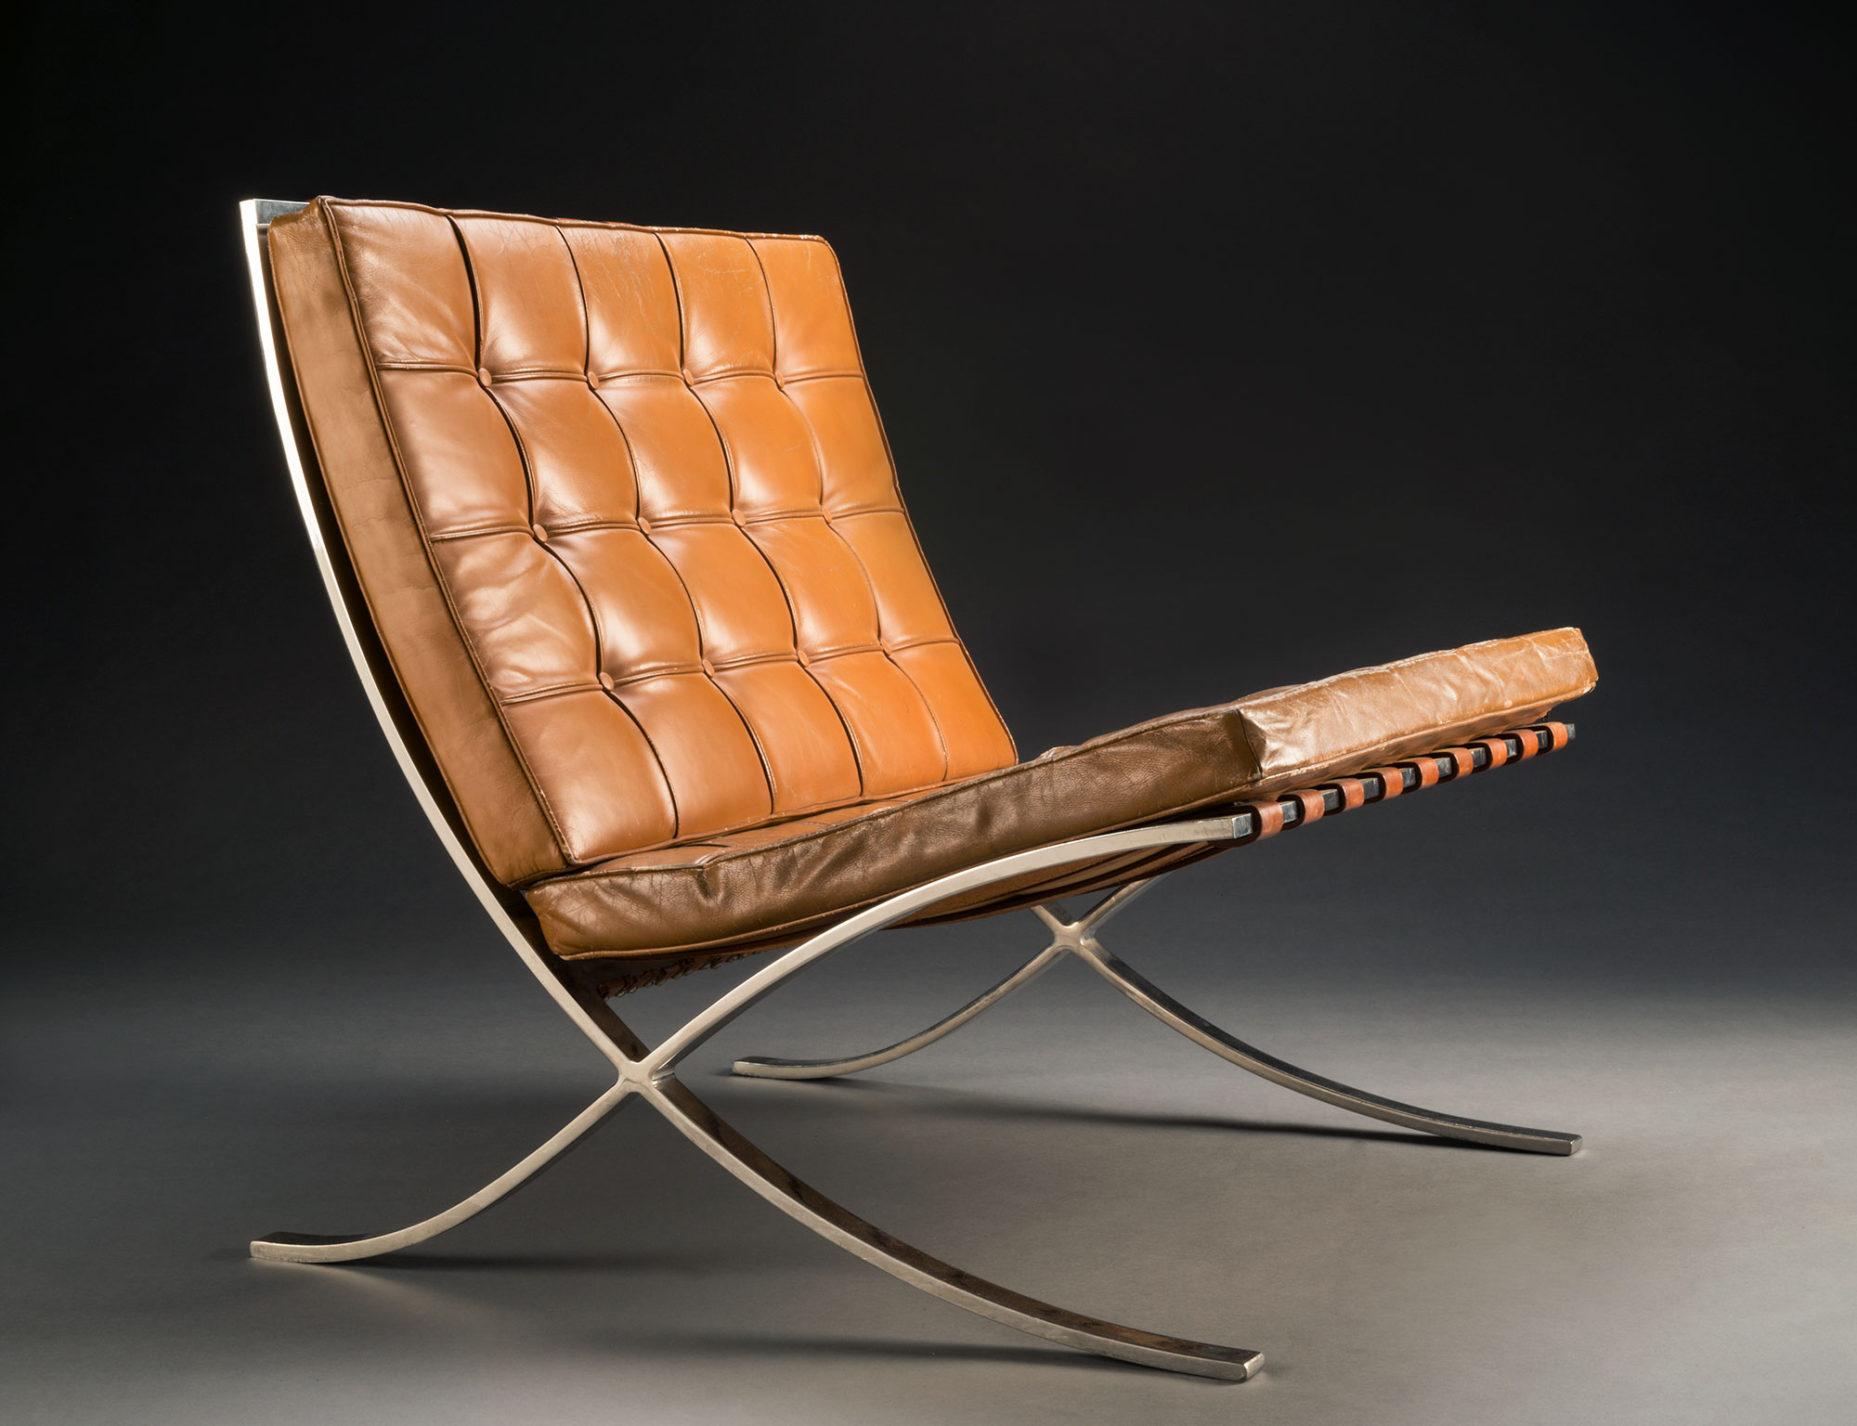 Chaise à piètement en lames d'acier et pieds entrecroisés avec coussins recouverts de cuir couleur havane.